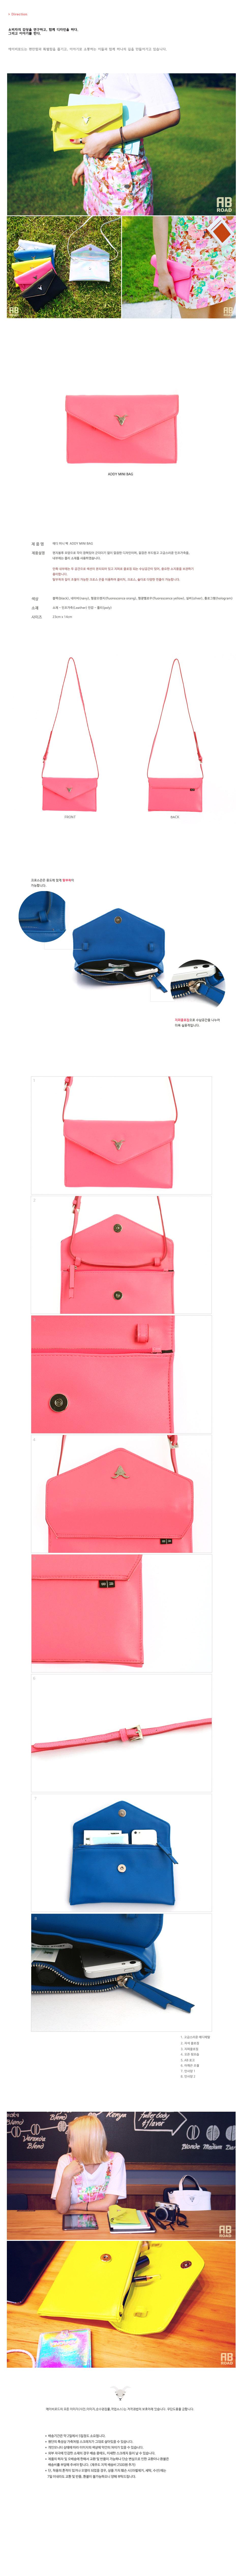 addymini_pink copy.jpg